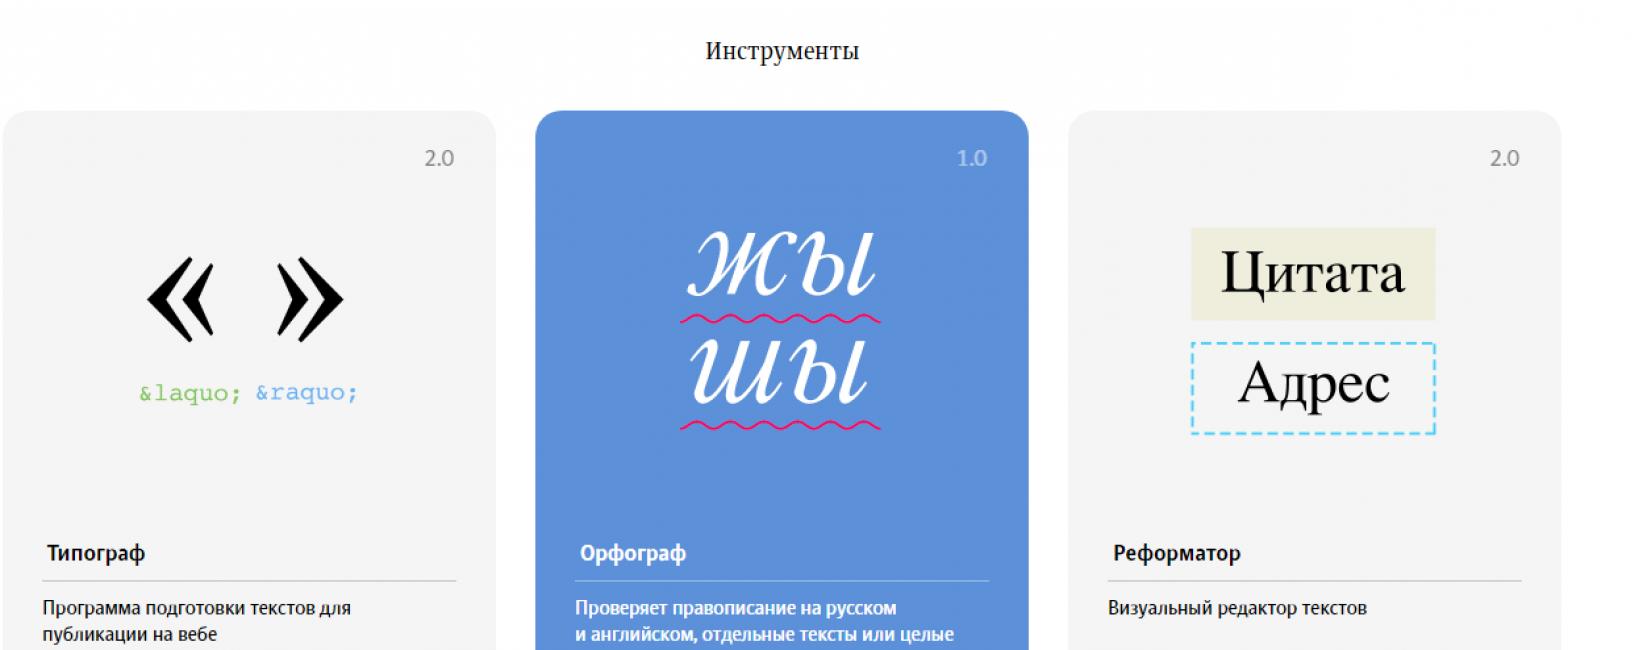 Выбор инструмента на сайте Артемия Лебедева